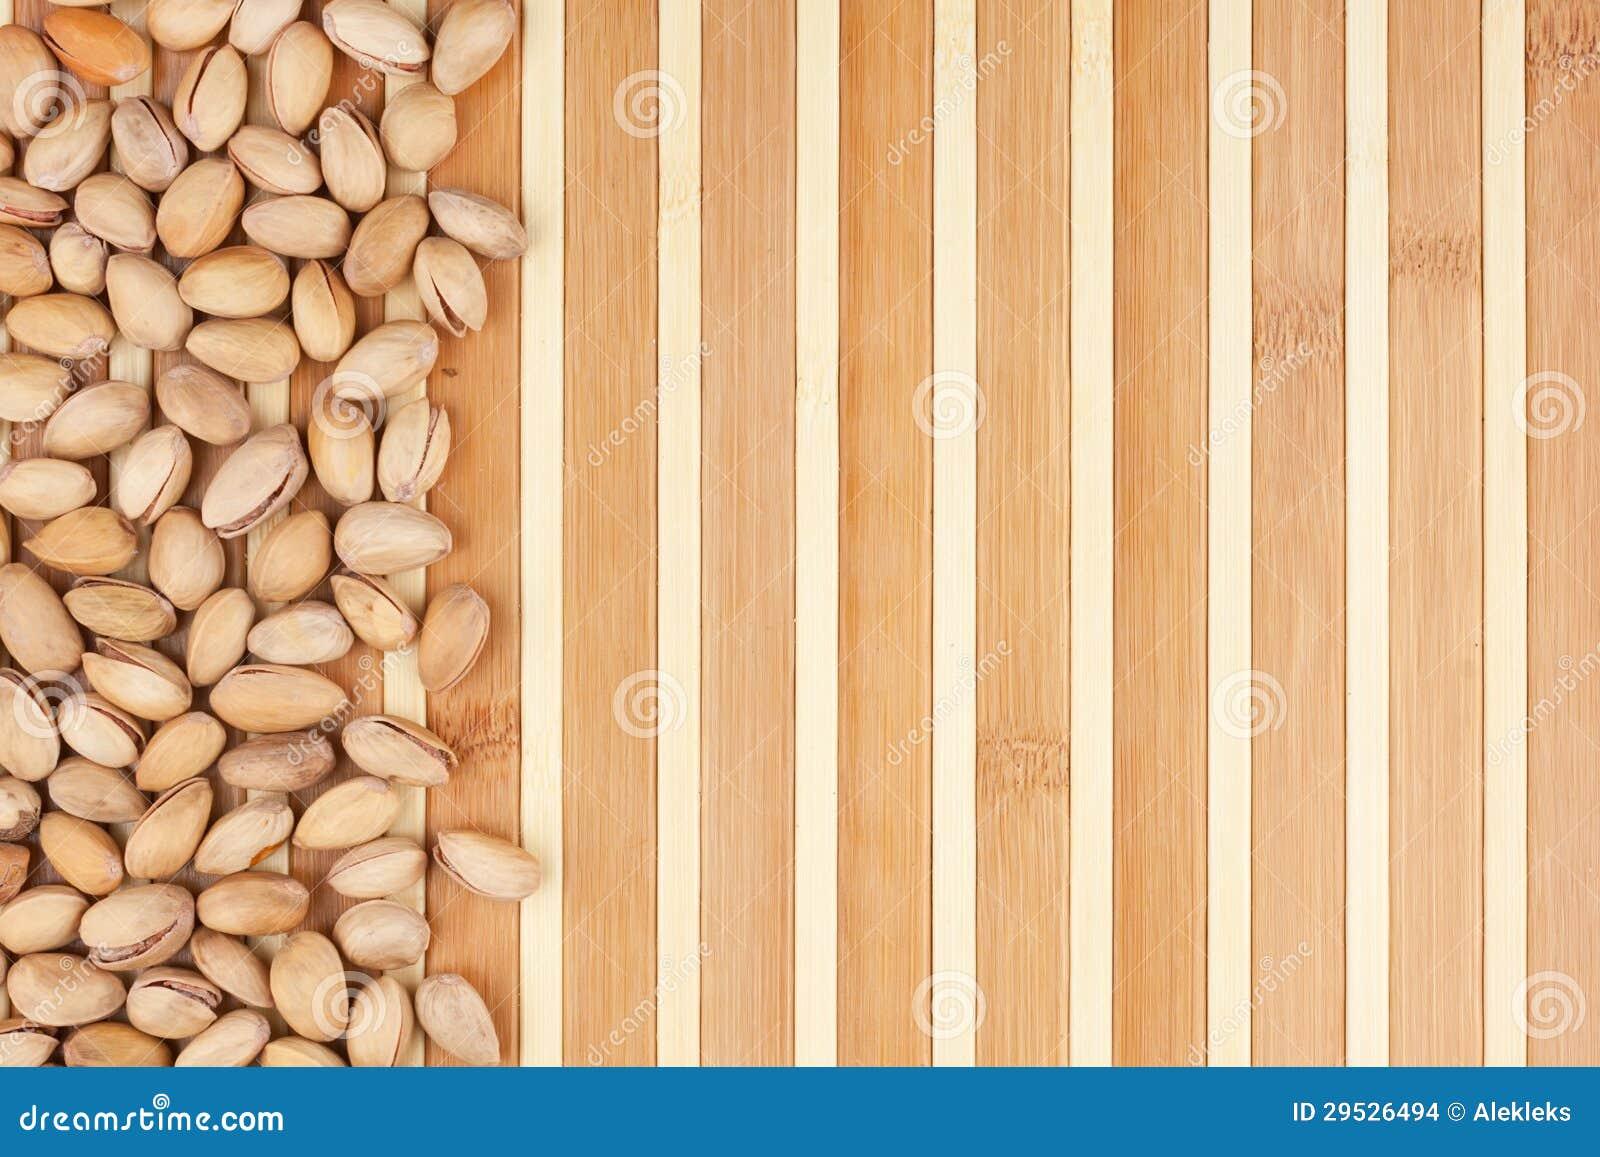 Pistachios Unpeeled que encontram-se em uma esteira de bambu